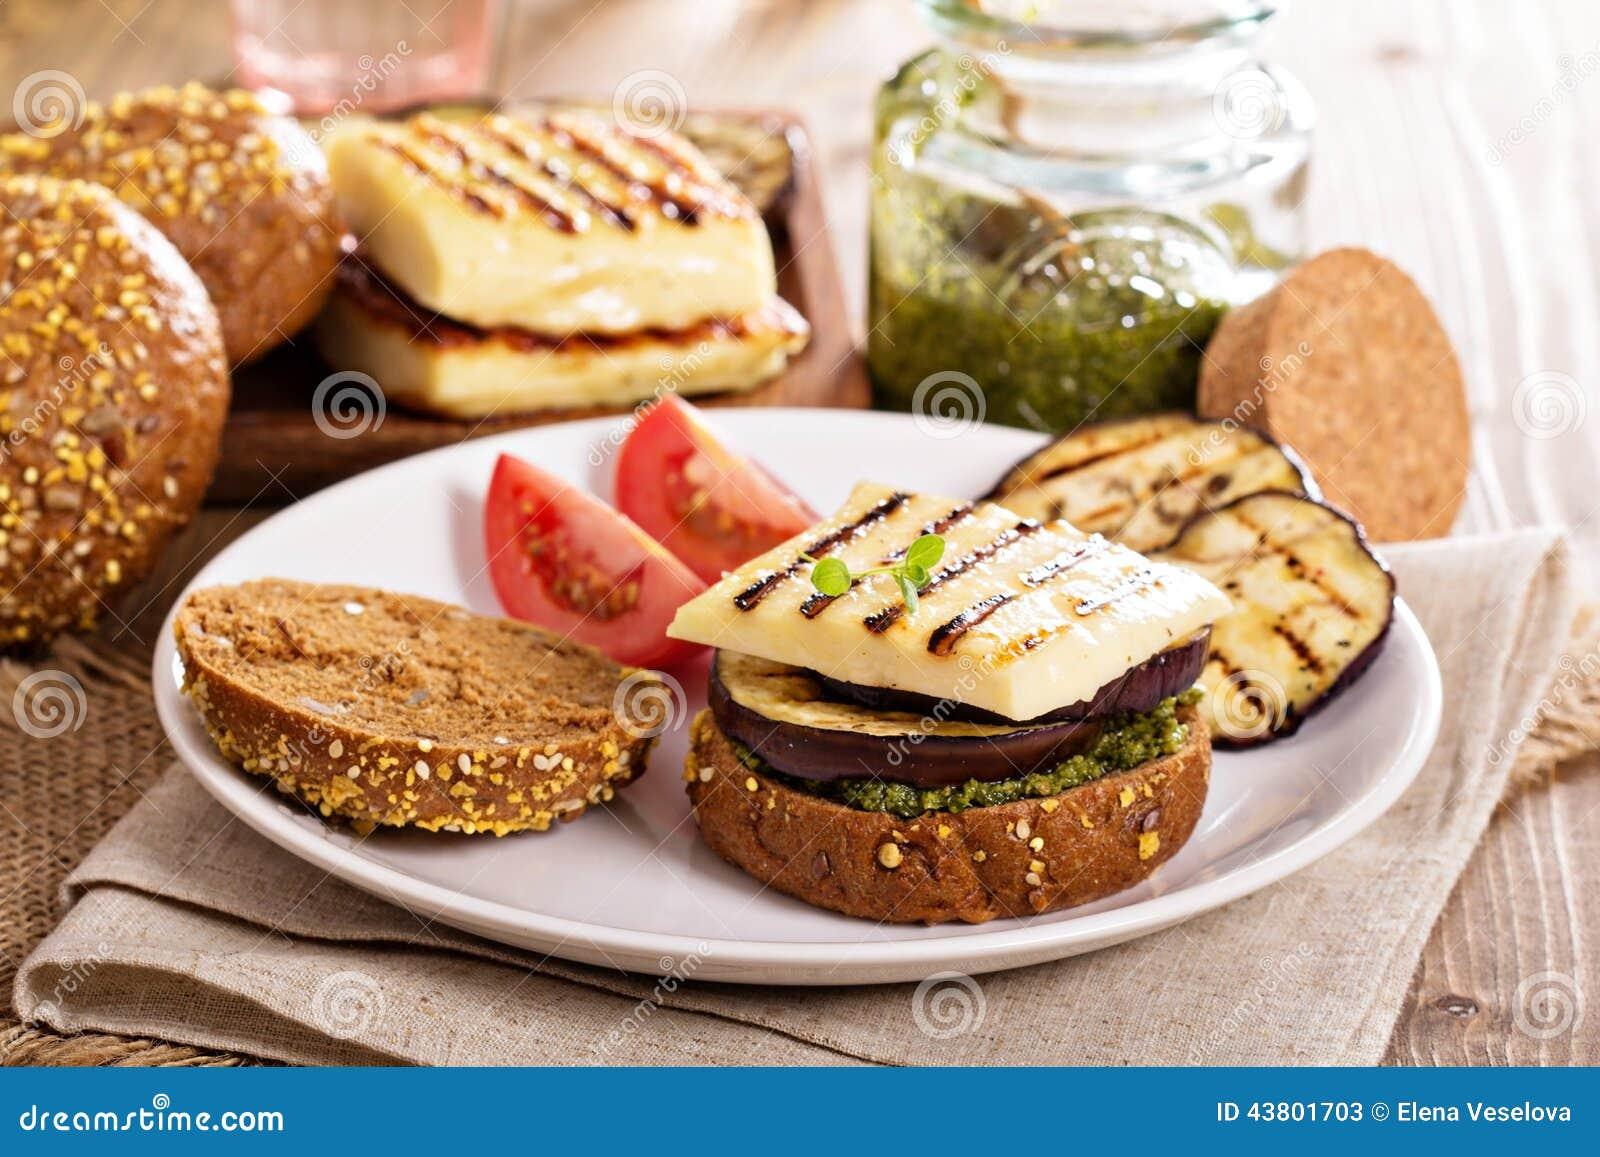 Hamburguer do vegetariano com queijo, beringela e pesto